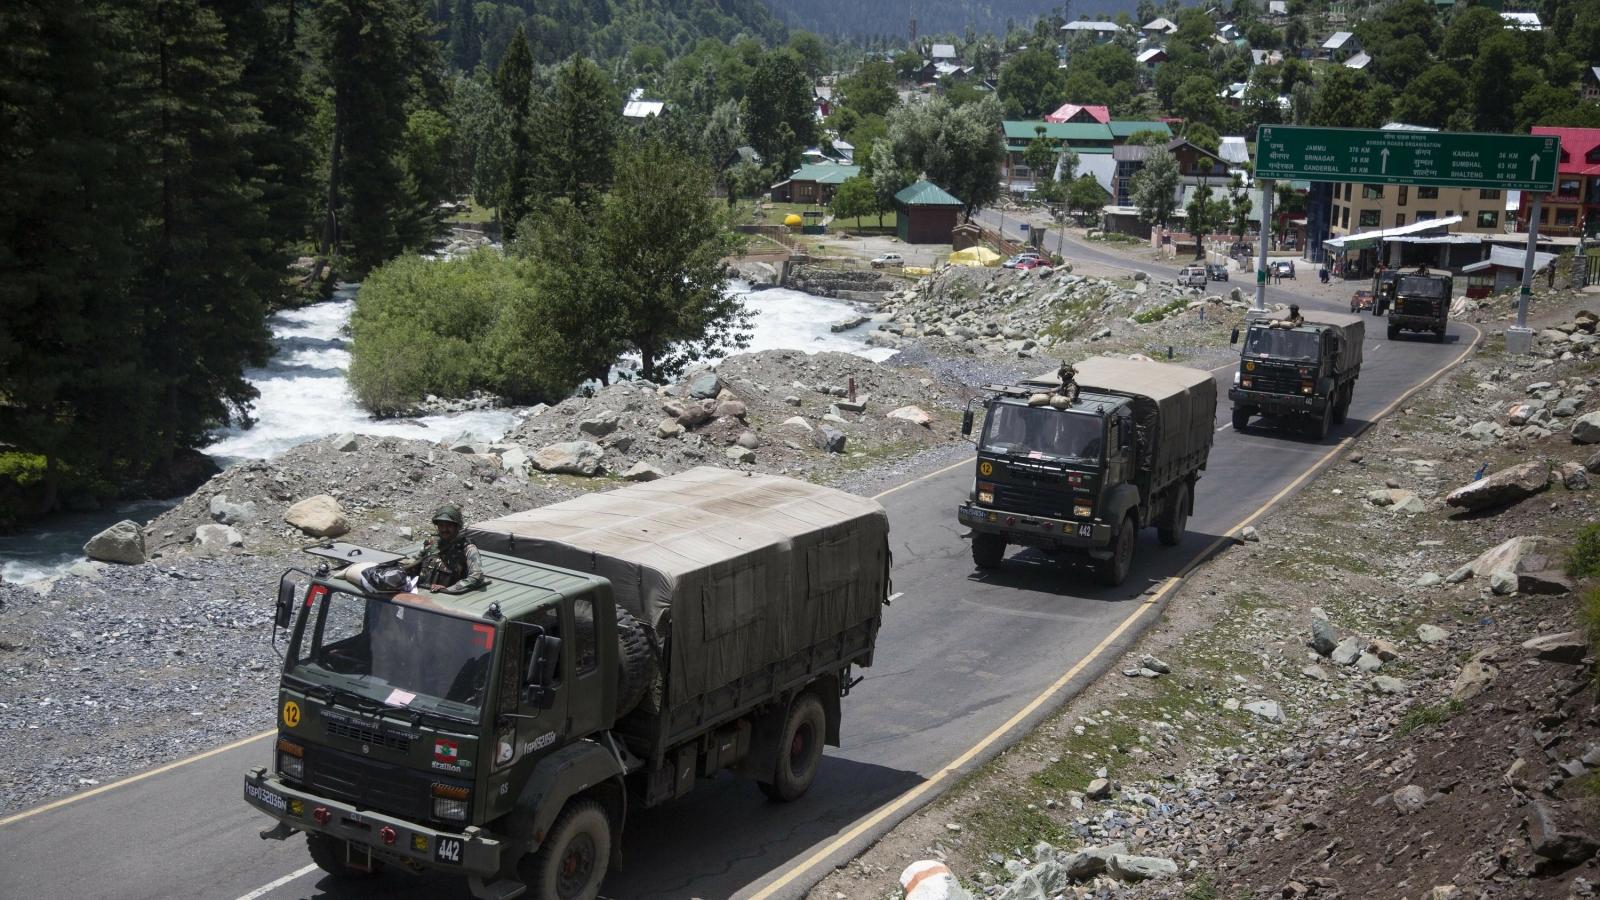 Ấn Độ chuẩn bị diễn tập an ninh gần biên giới với Trung Quốc